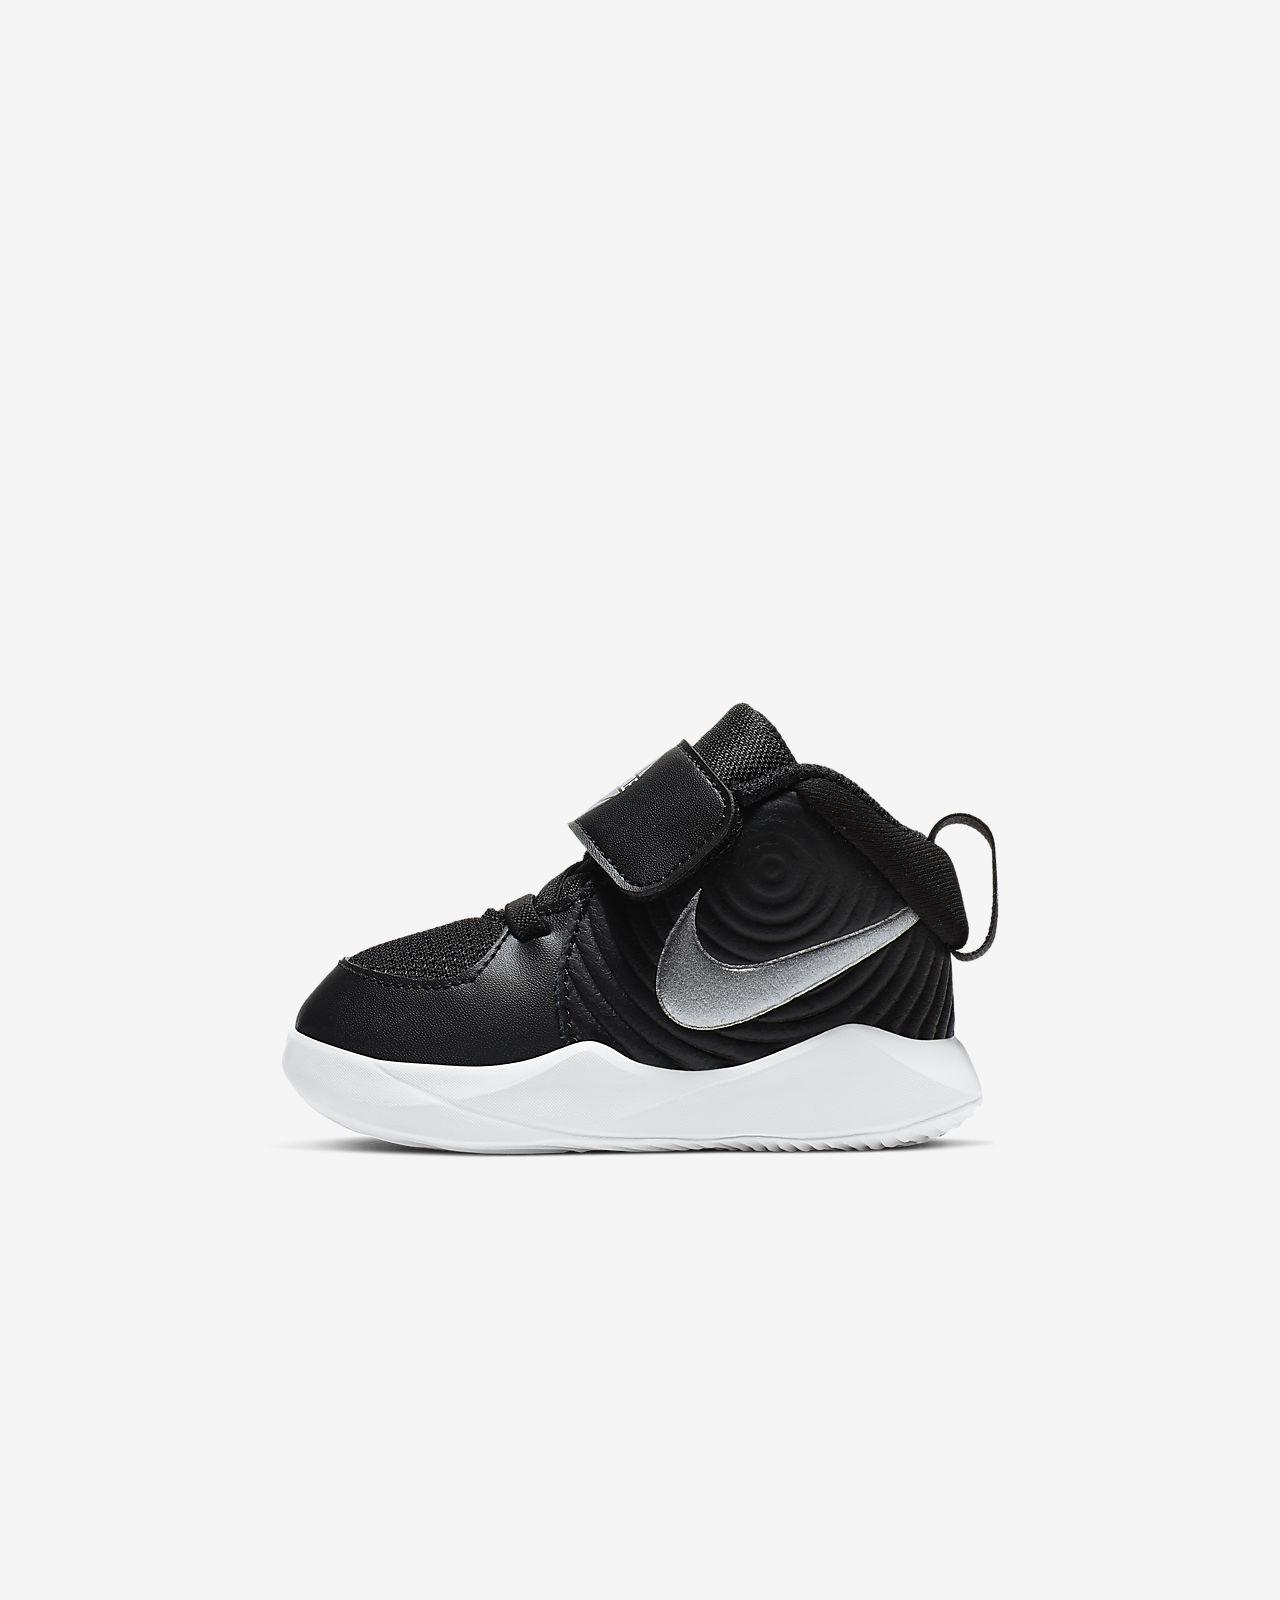 Nike Team Hustle D 9 Schoen voor baby's/peuters